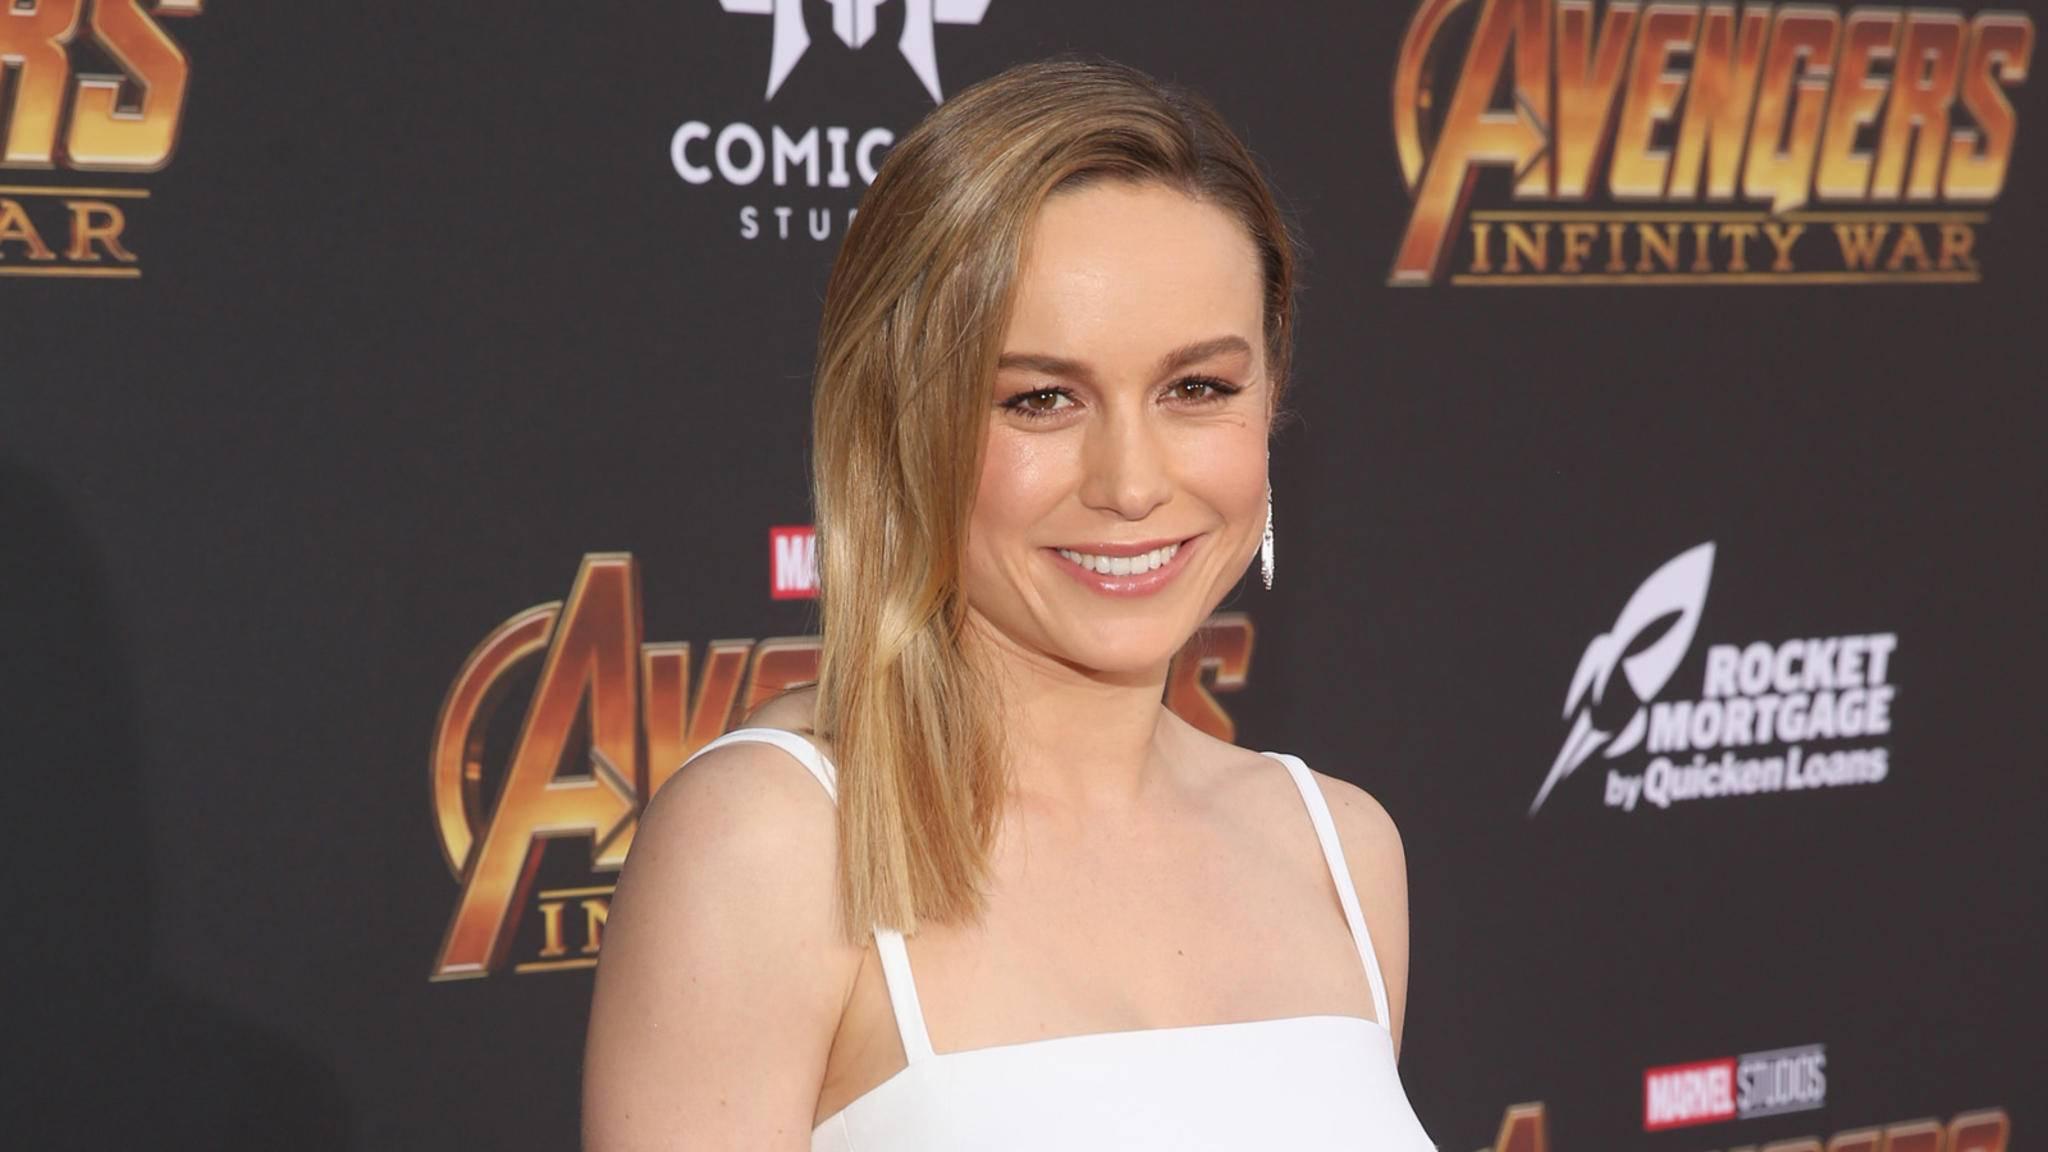 Sie soll die Zukunft des MCU sein: Captain-Marvel-Darstellerin Brie Larson.